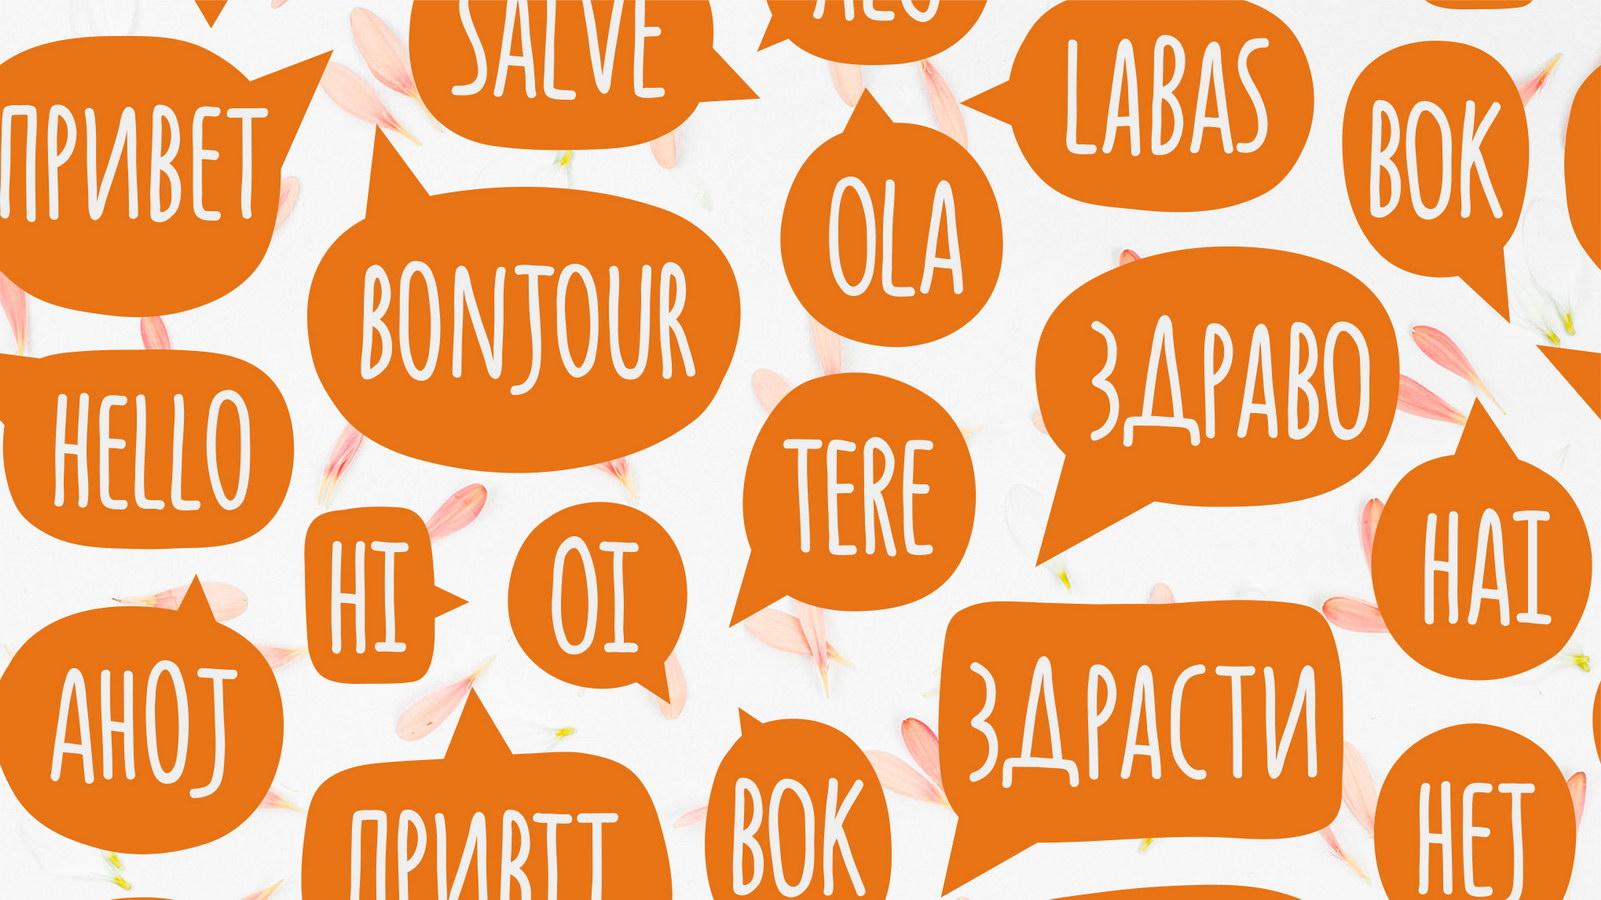 tvorchestvo - Като Ломб: как получать удовольствие от изучения языков? - иностранные языки, автобиография